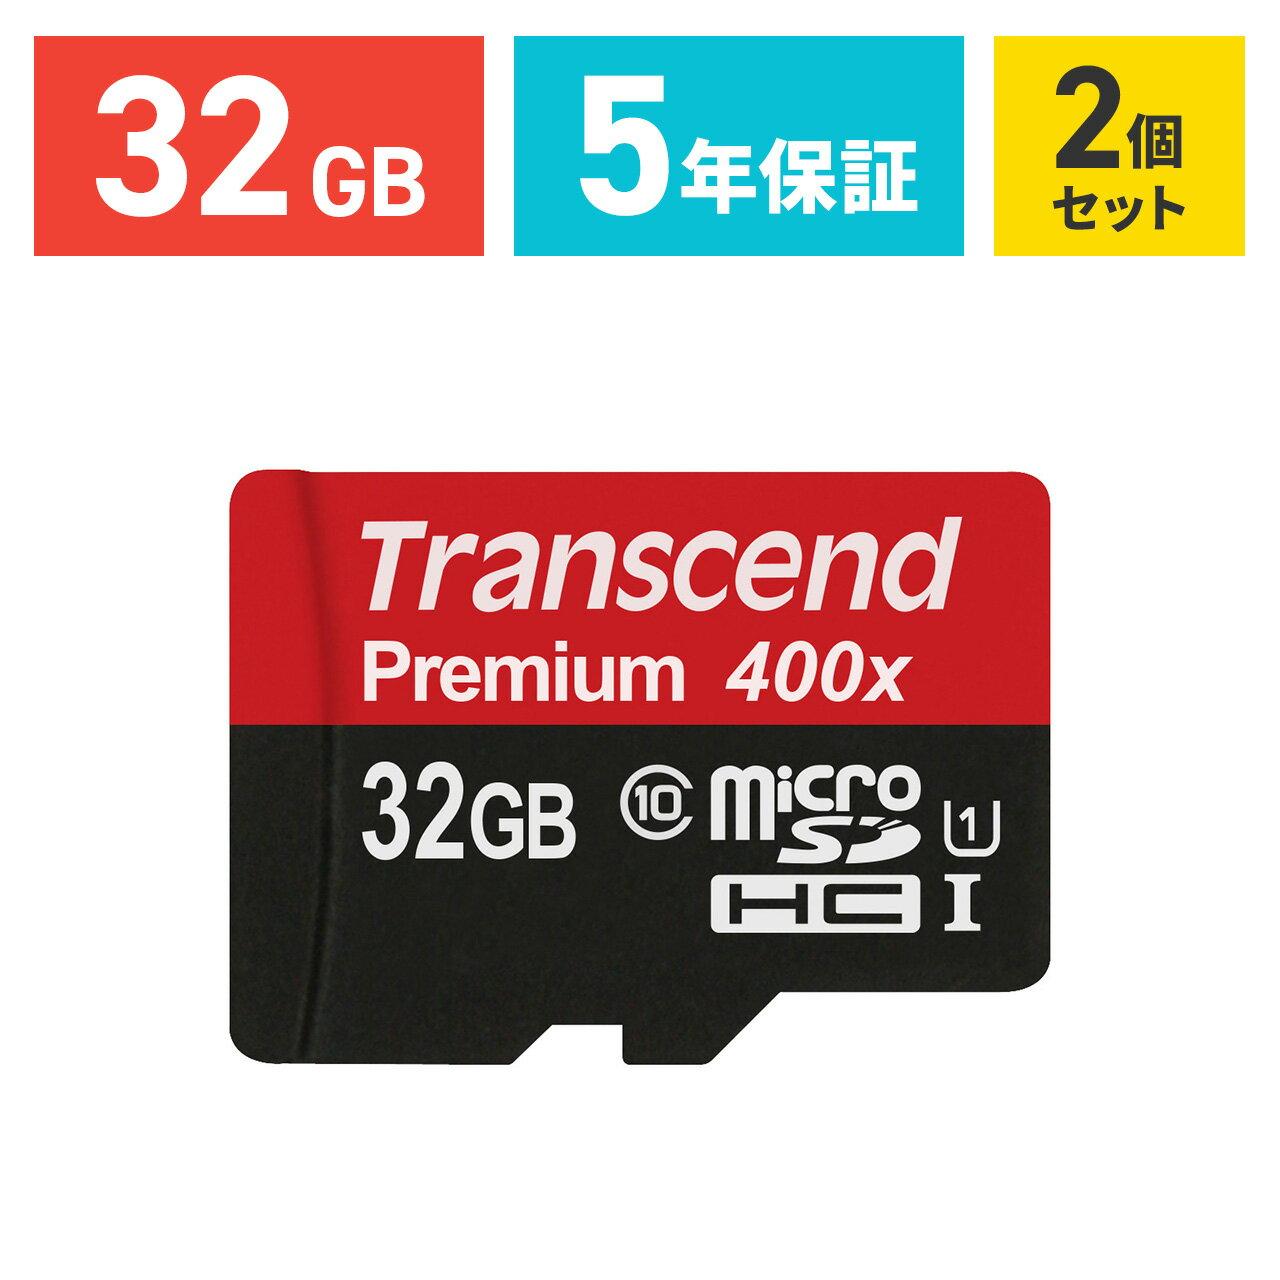 【まとめ割 2個セット】Transcend microSDカード 32GB Class10 UHS-I 5年保証 マイクロSD microSDHC クラス10 スマホ SD 入学 卒業[TS32GUSDCU1]【ネコポス対応】【楽天BOX受取対象商品】